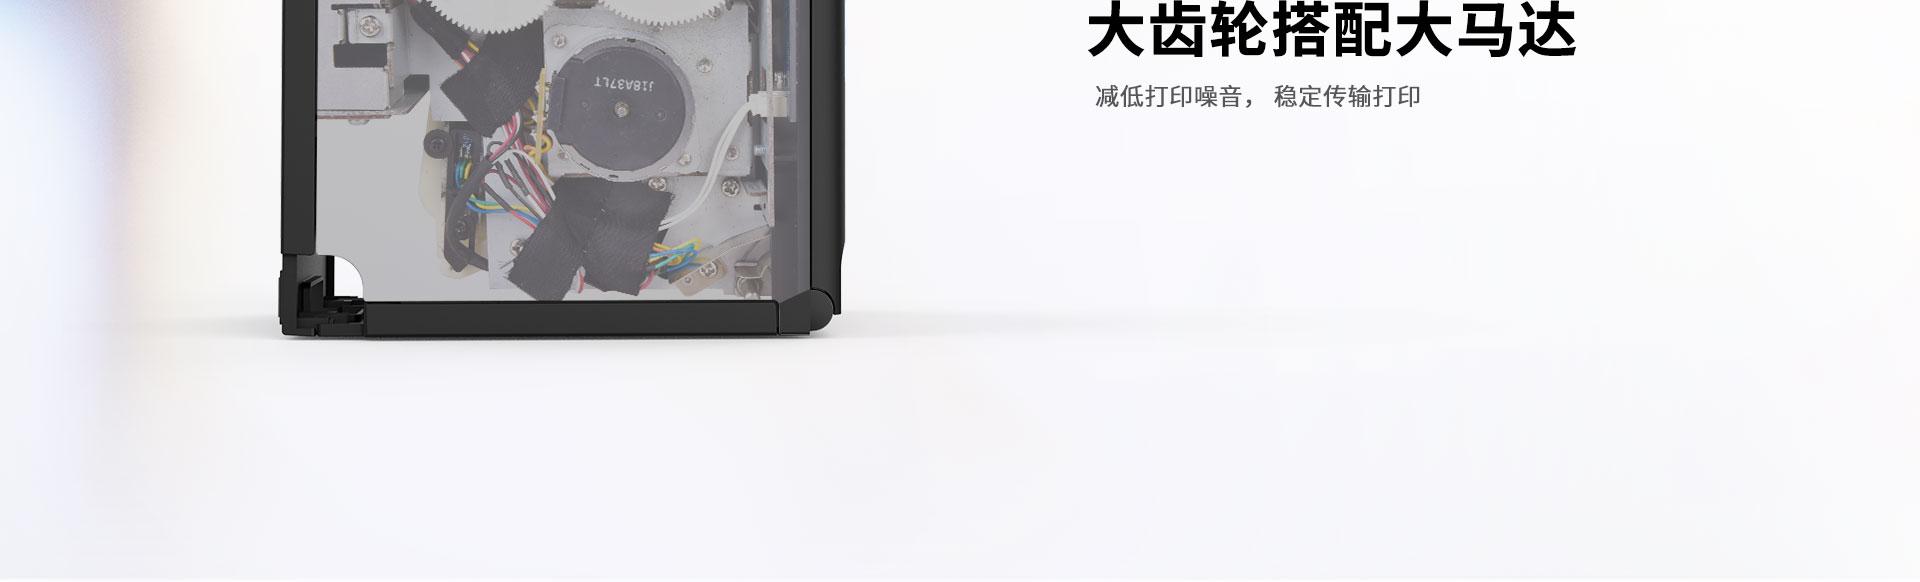 TP808立体时尚设计热敏票据打印机  第10张